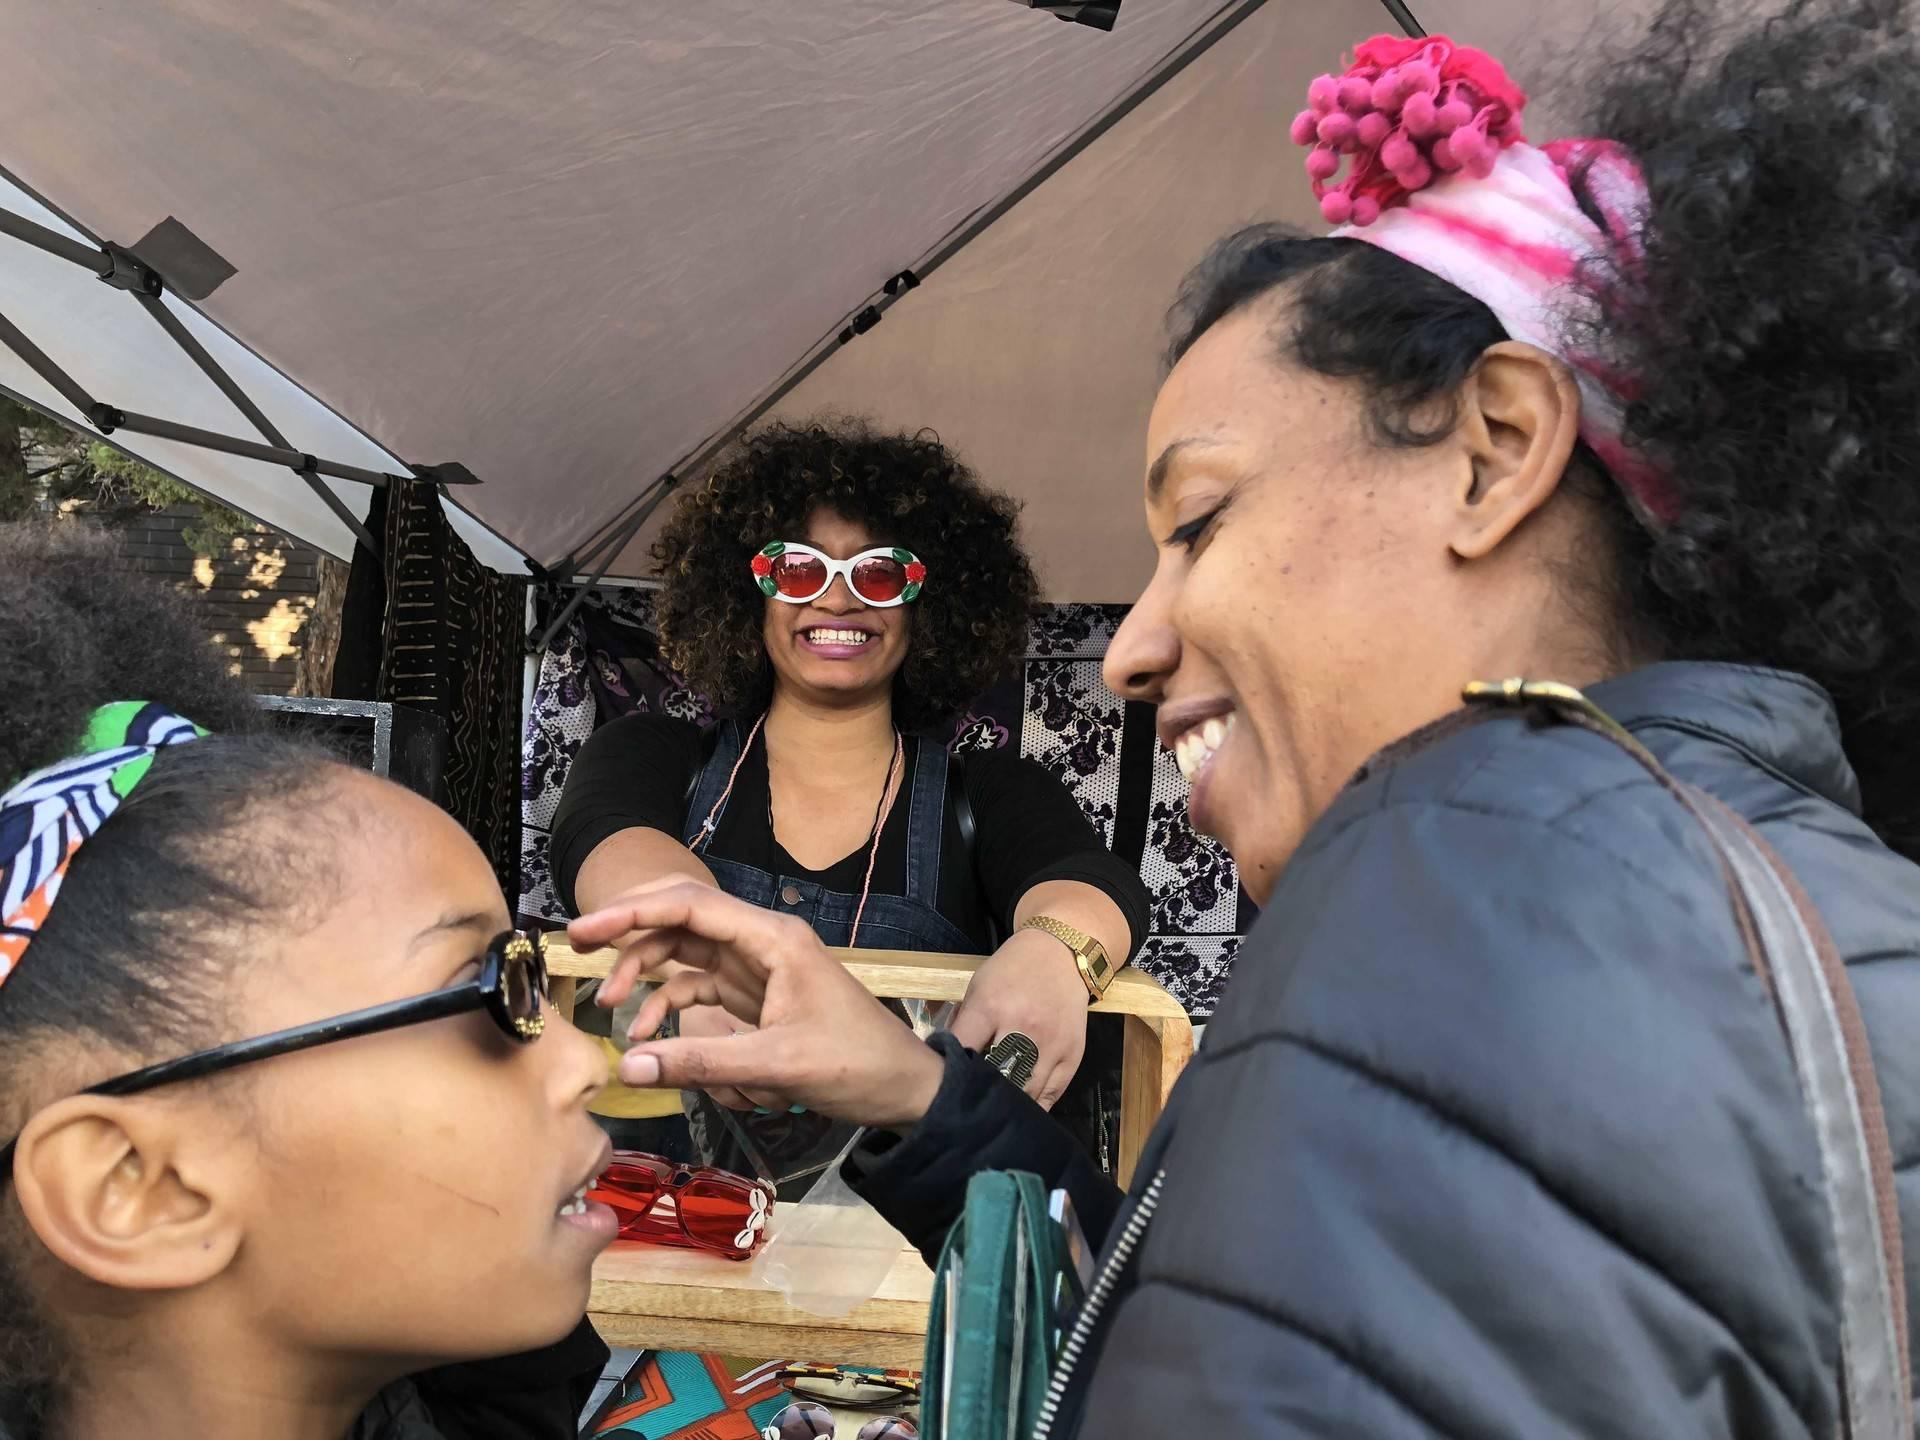 Oakland celebrates the inaugural Black Joy Parade on Sunday, February 25, 2018. Samantha Clark/KQED